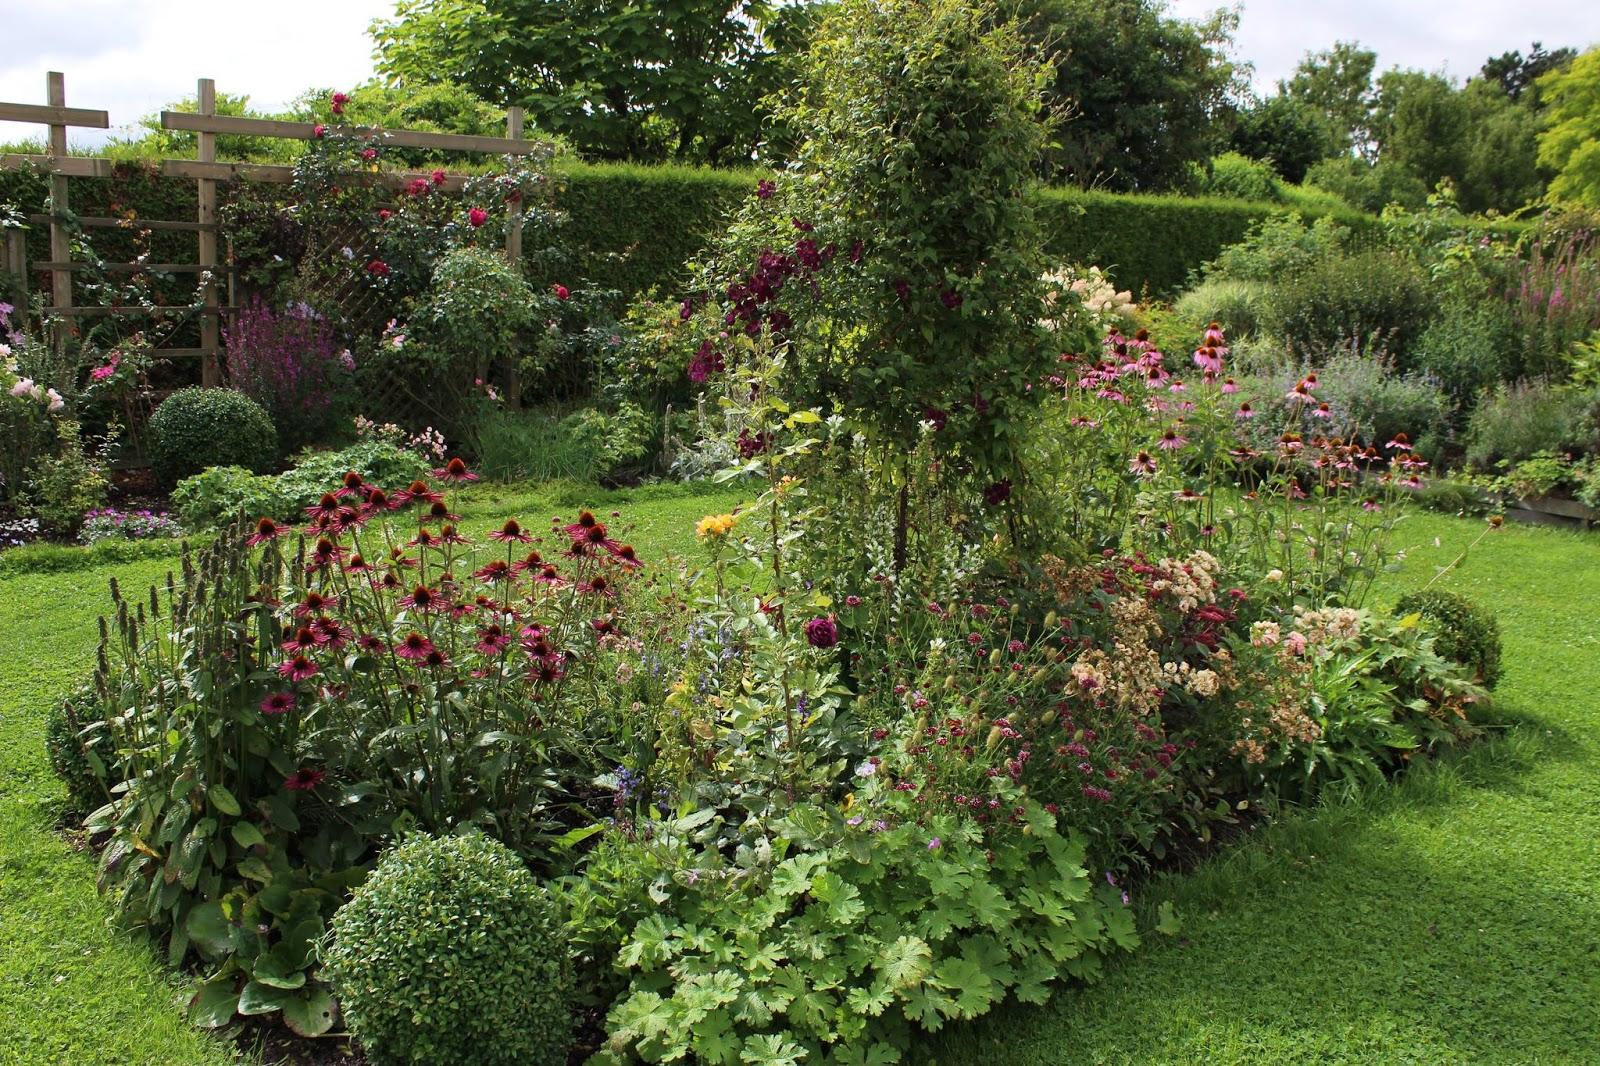 Derri re les murs de mon jardin projet d automne le coin du cerisier - Derriere les murs de mon jardin ...